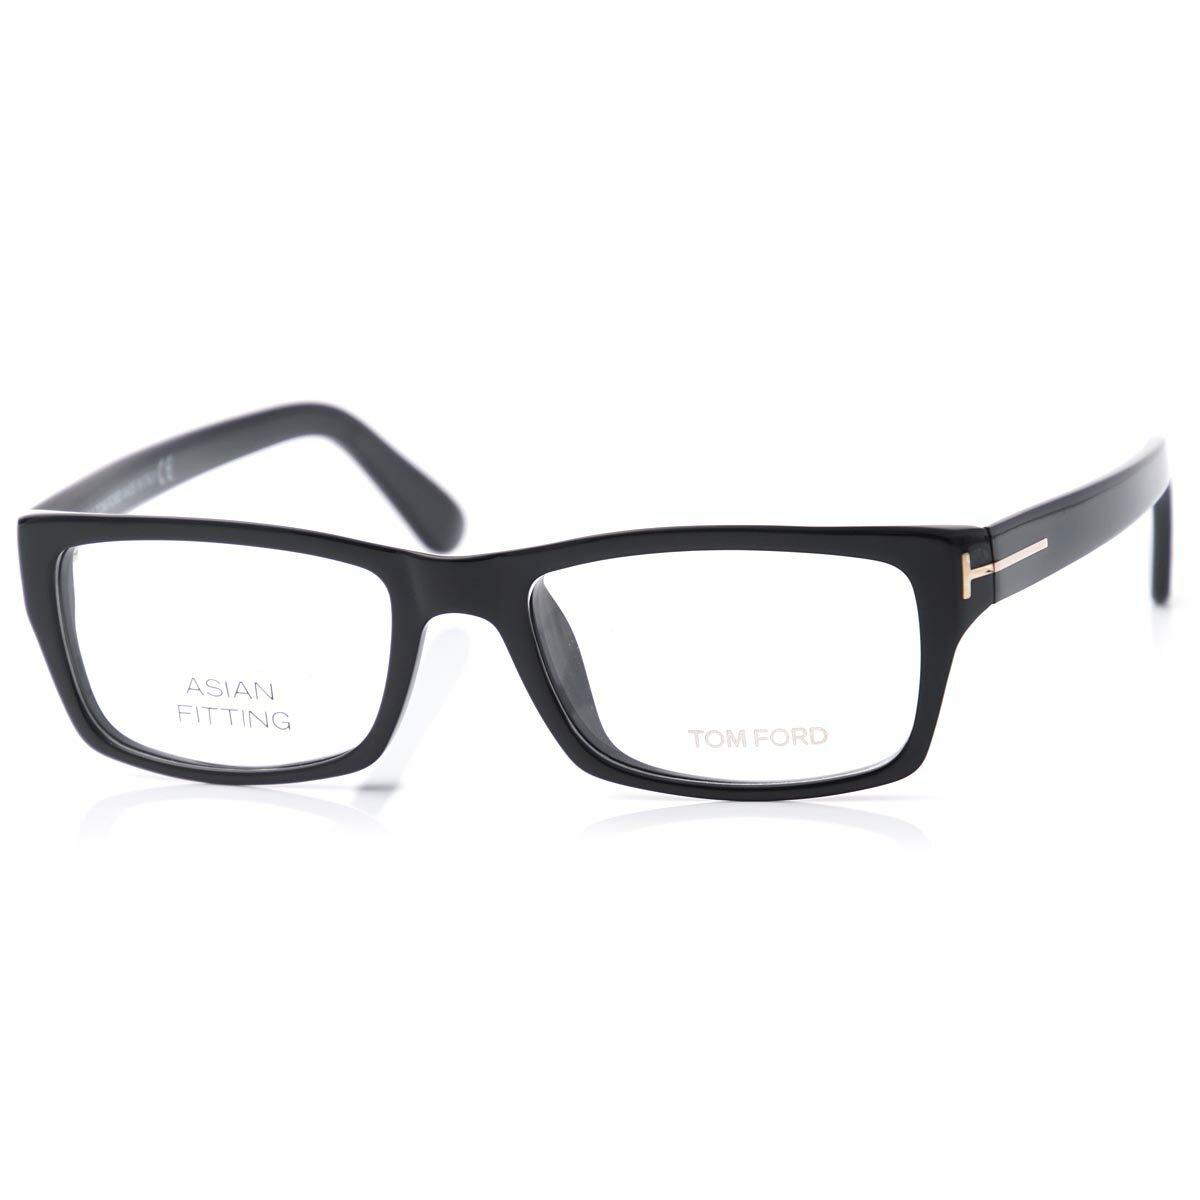 トムフォード TOM FORD 眼鏡 メガネ フレーム ブラック メンズ レディース ft4239 001 スクエア【ラッピング無料】【返品送料無料】【170627】【あす楽対応_関東】